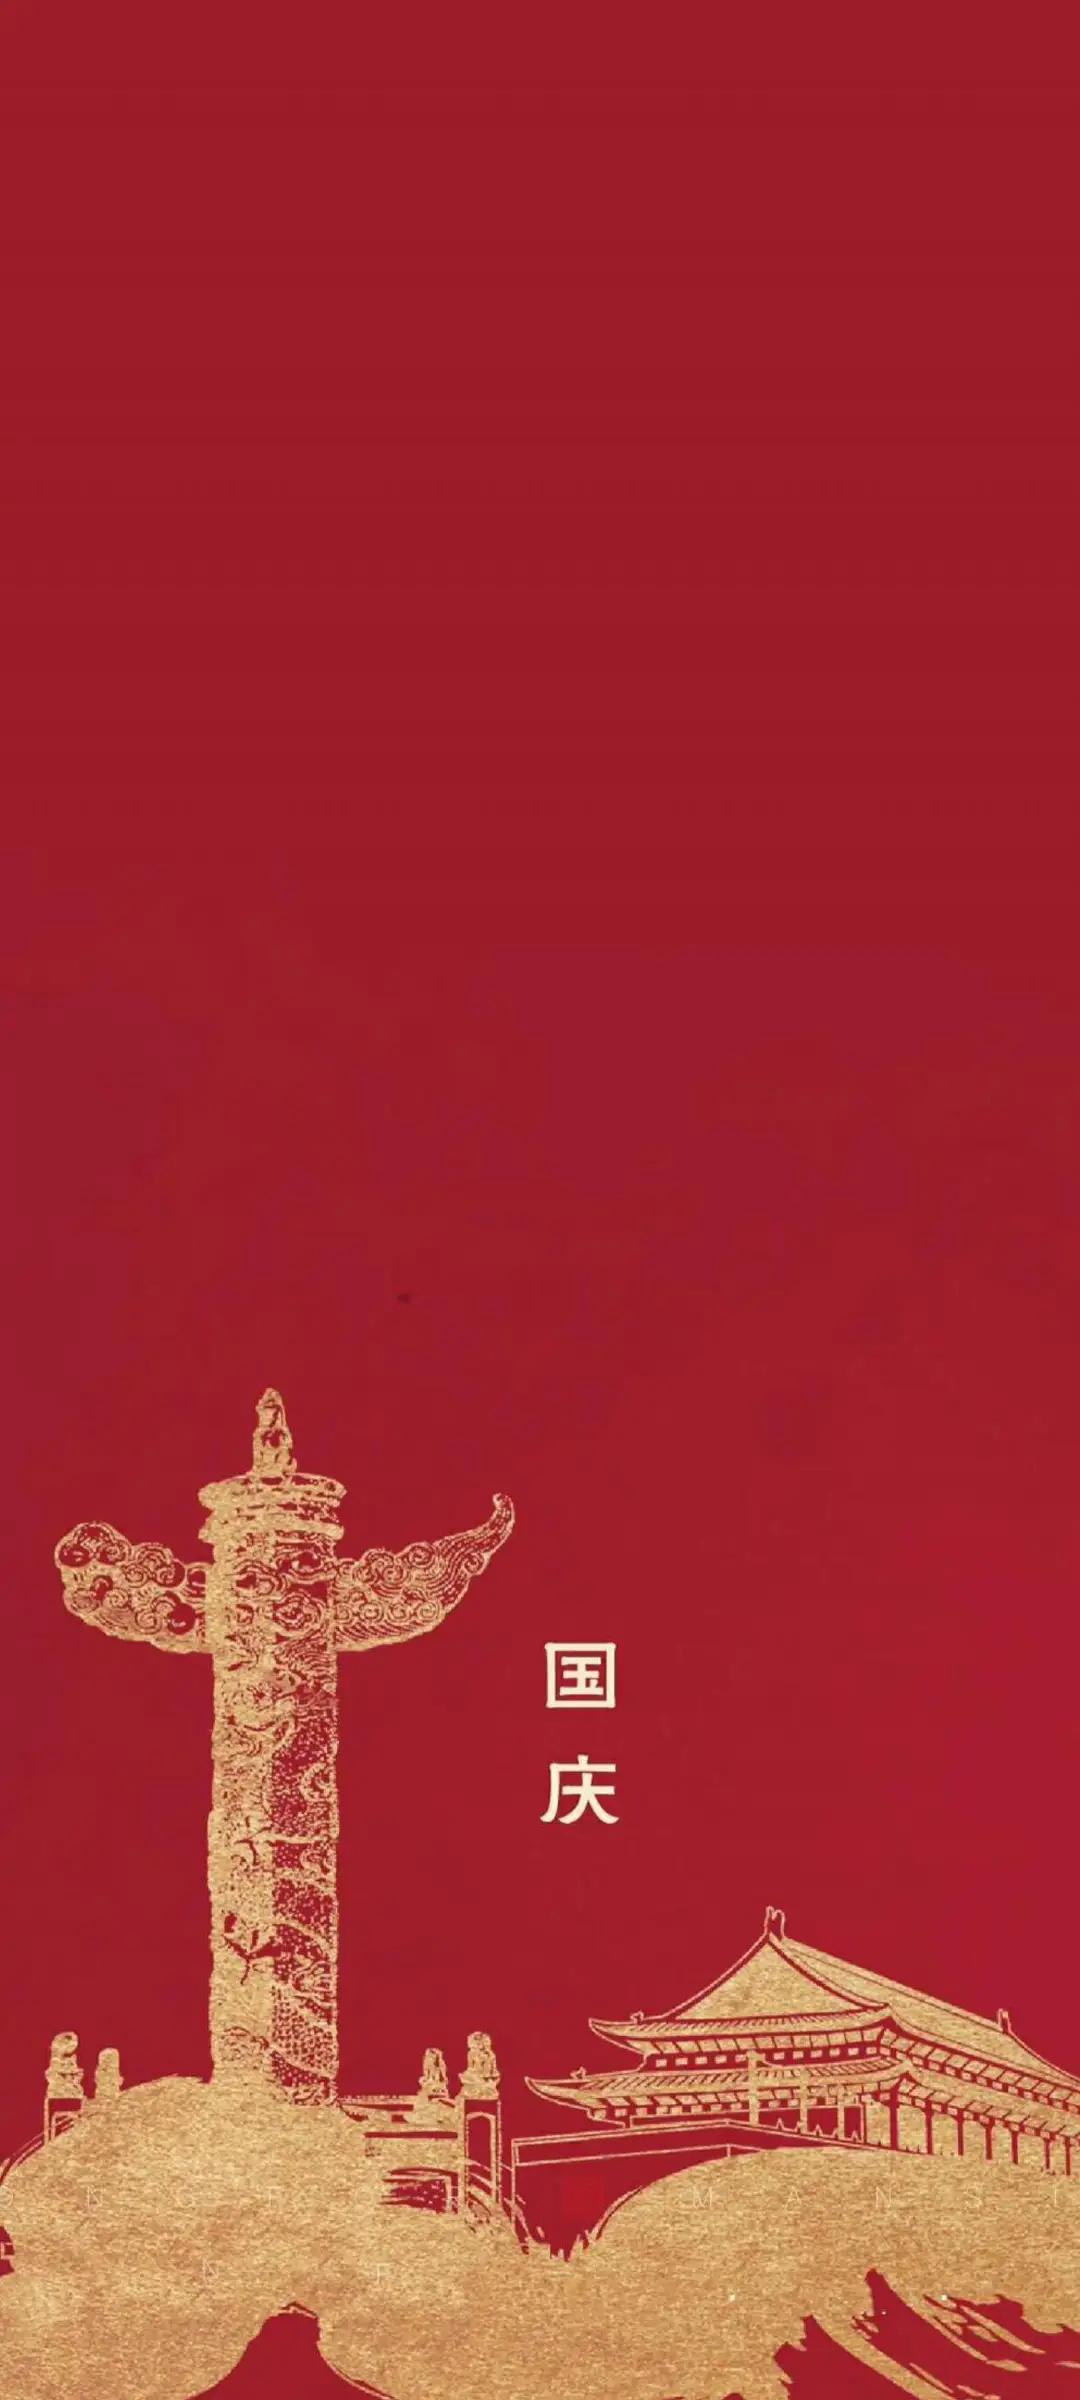 2021国庆节祝福语精选72条 适合发朋友圈的国庆节图片 liuliushe.net六六社 第11张